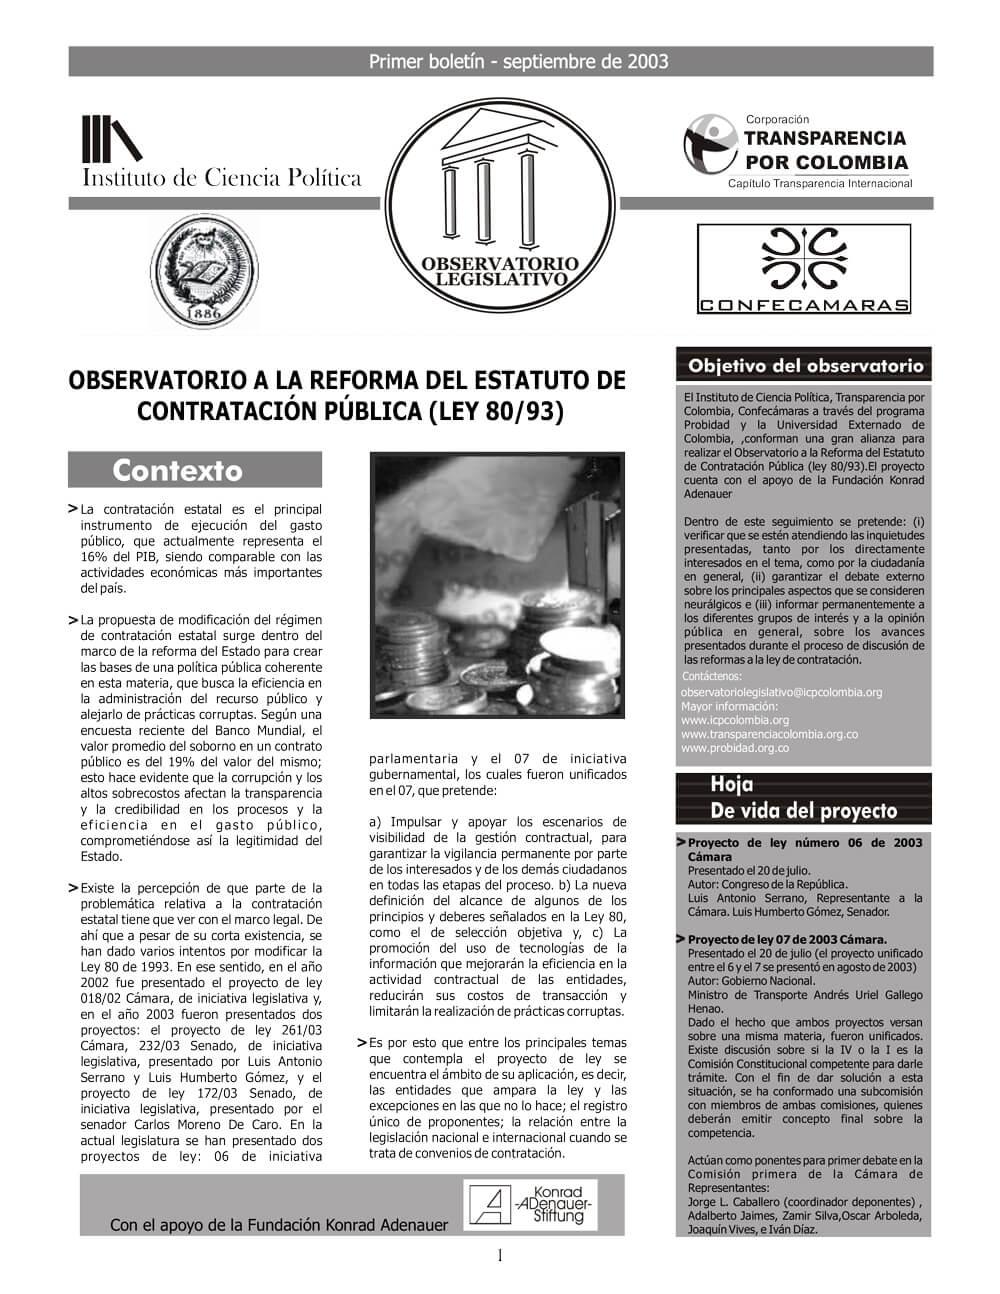 2003.09.01-Boletín-1-Reforma-del-Estatuto-de-contratación-Pública-1